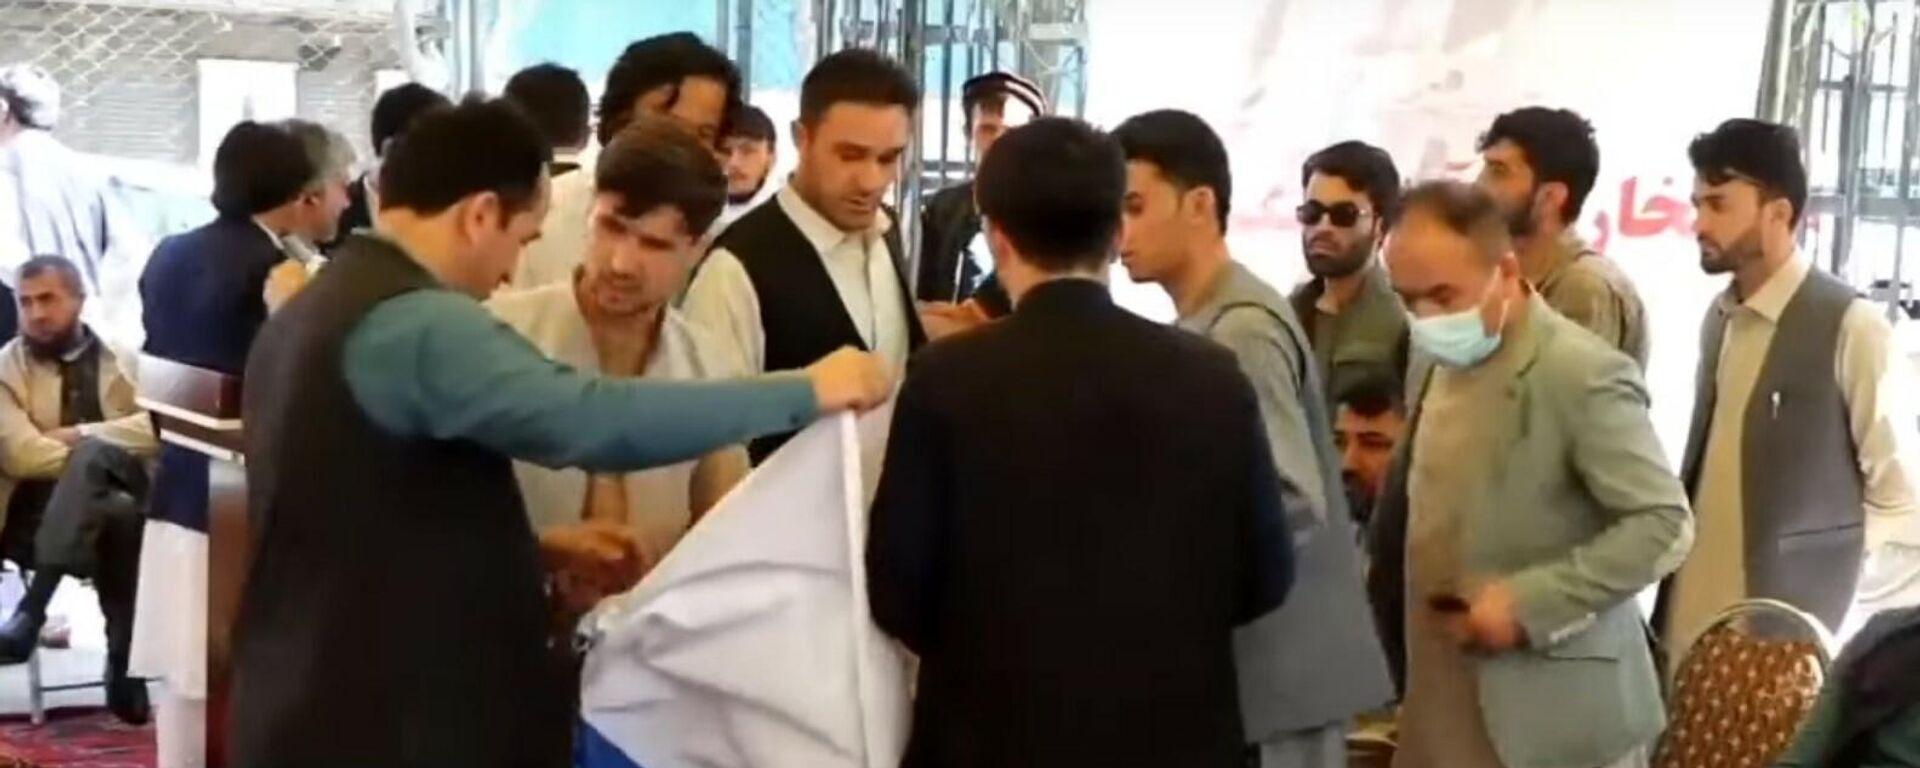 Жители Кабула вышли на митинг против талибов - Sputnik Тоҷикистон, 1920, 25.07.2021